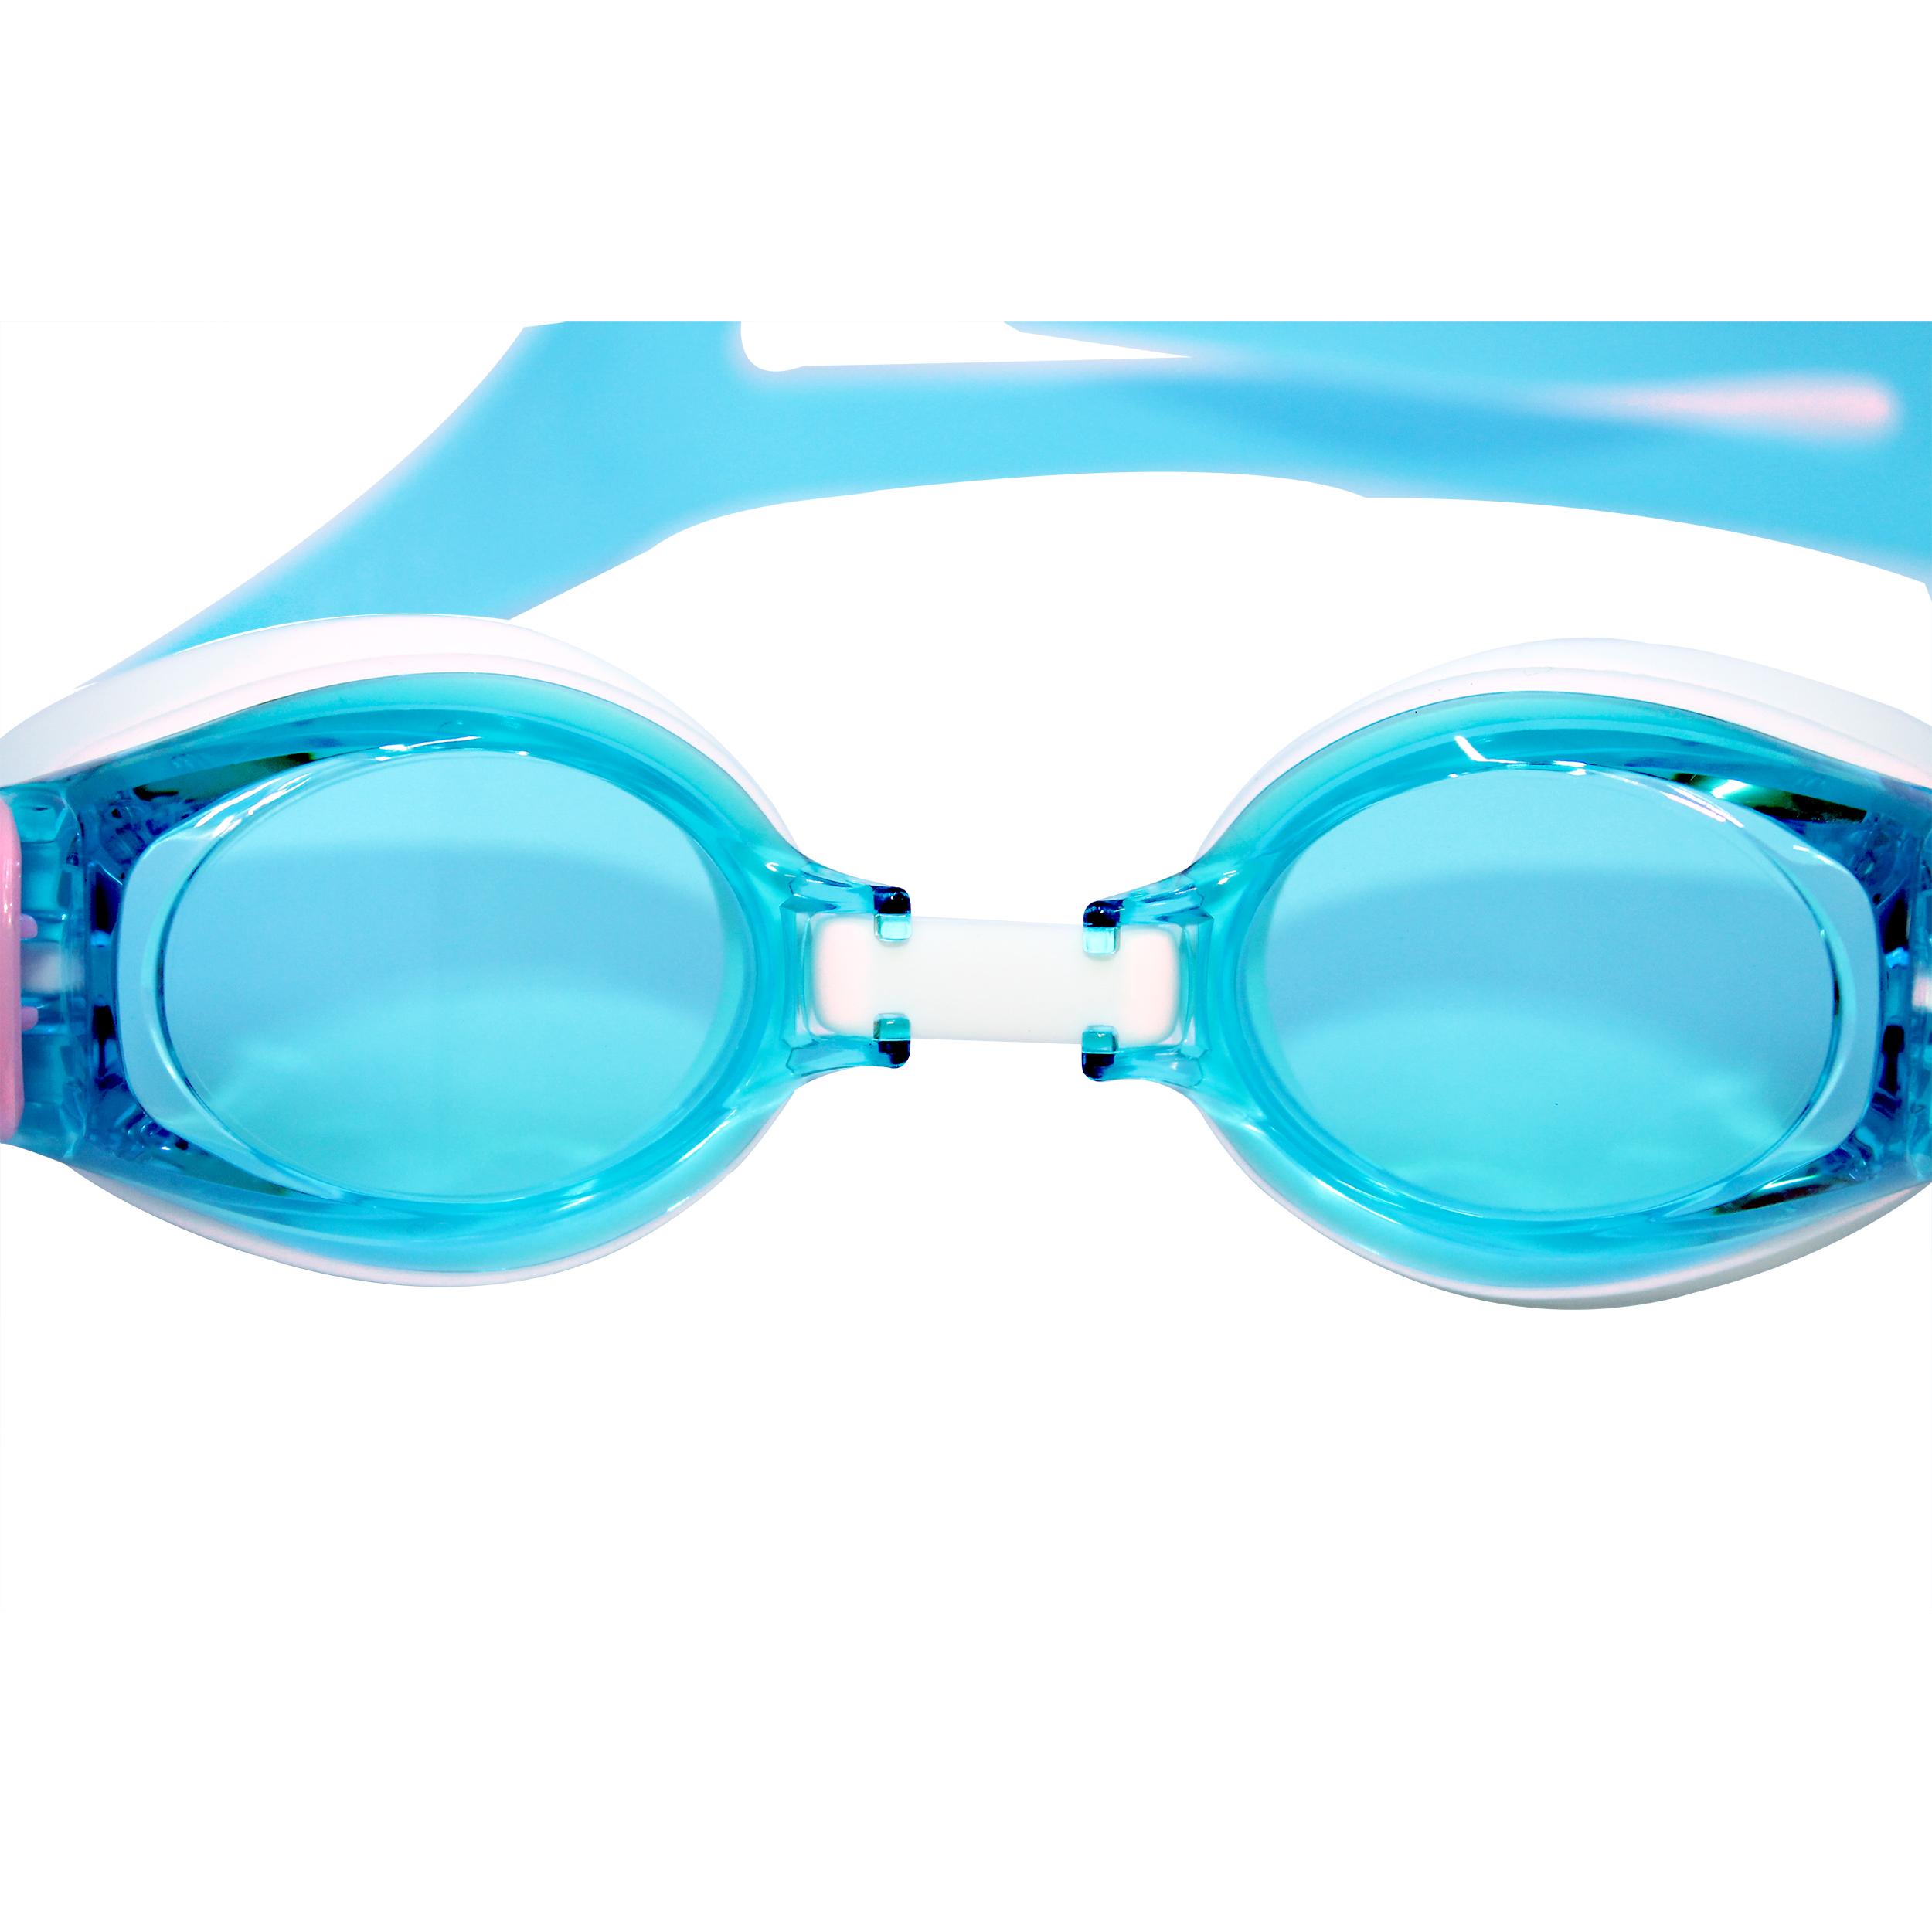 Kính Bơi trẻ em hàng nhật View V730 Màu Aqua xanh lợt